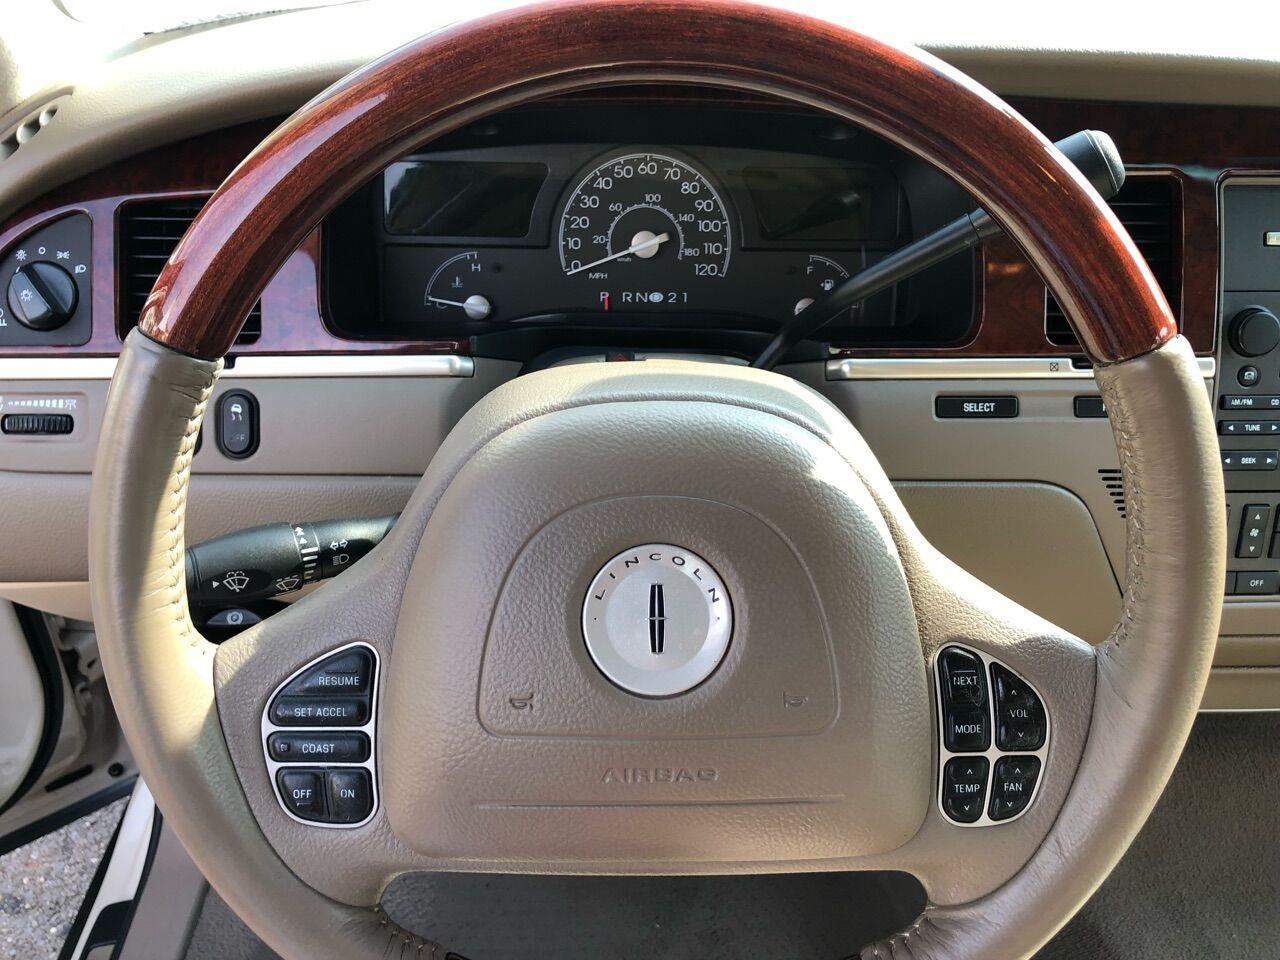 2003 Lincoln Town Car 4dr Car